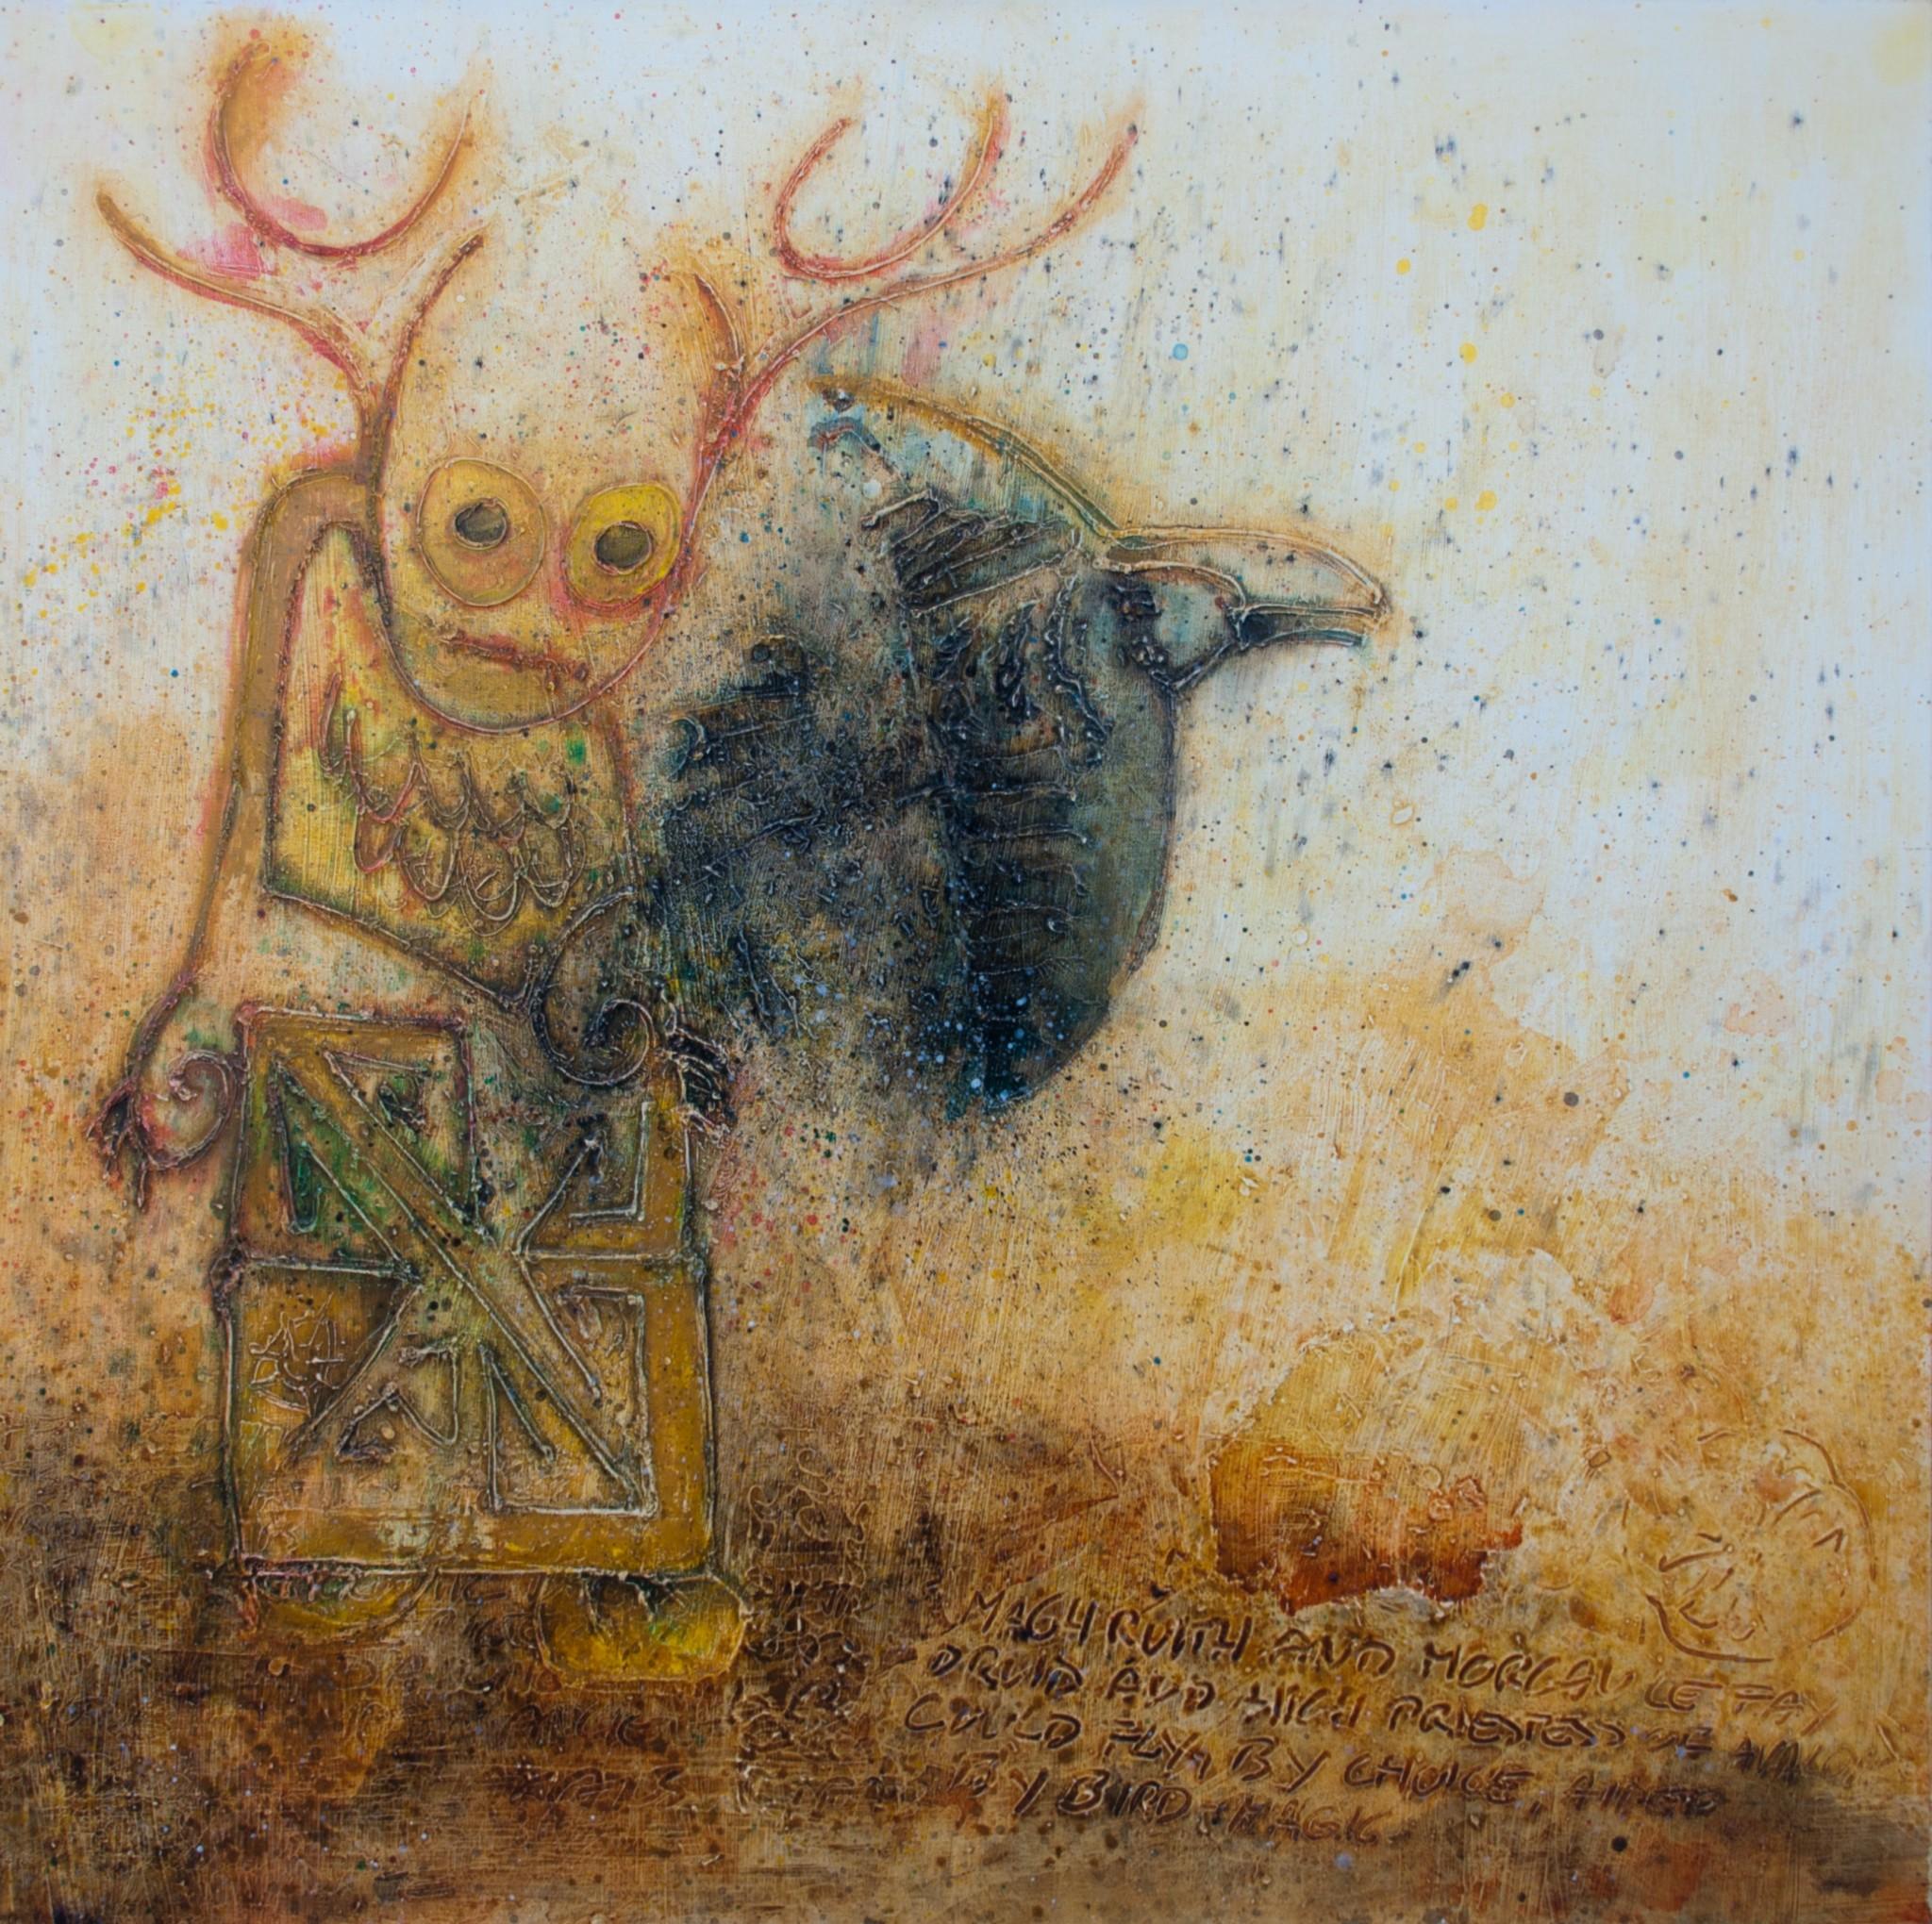 Hans Spinnler - Bird fom belly